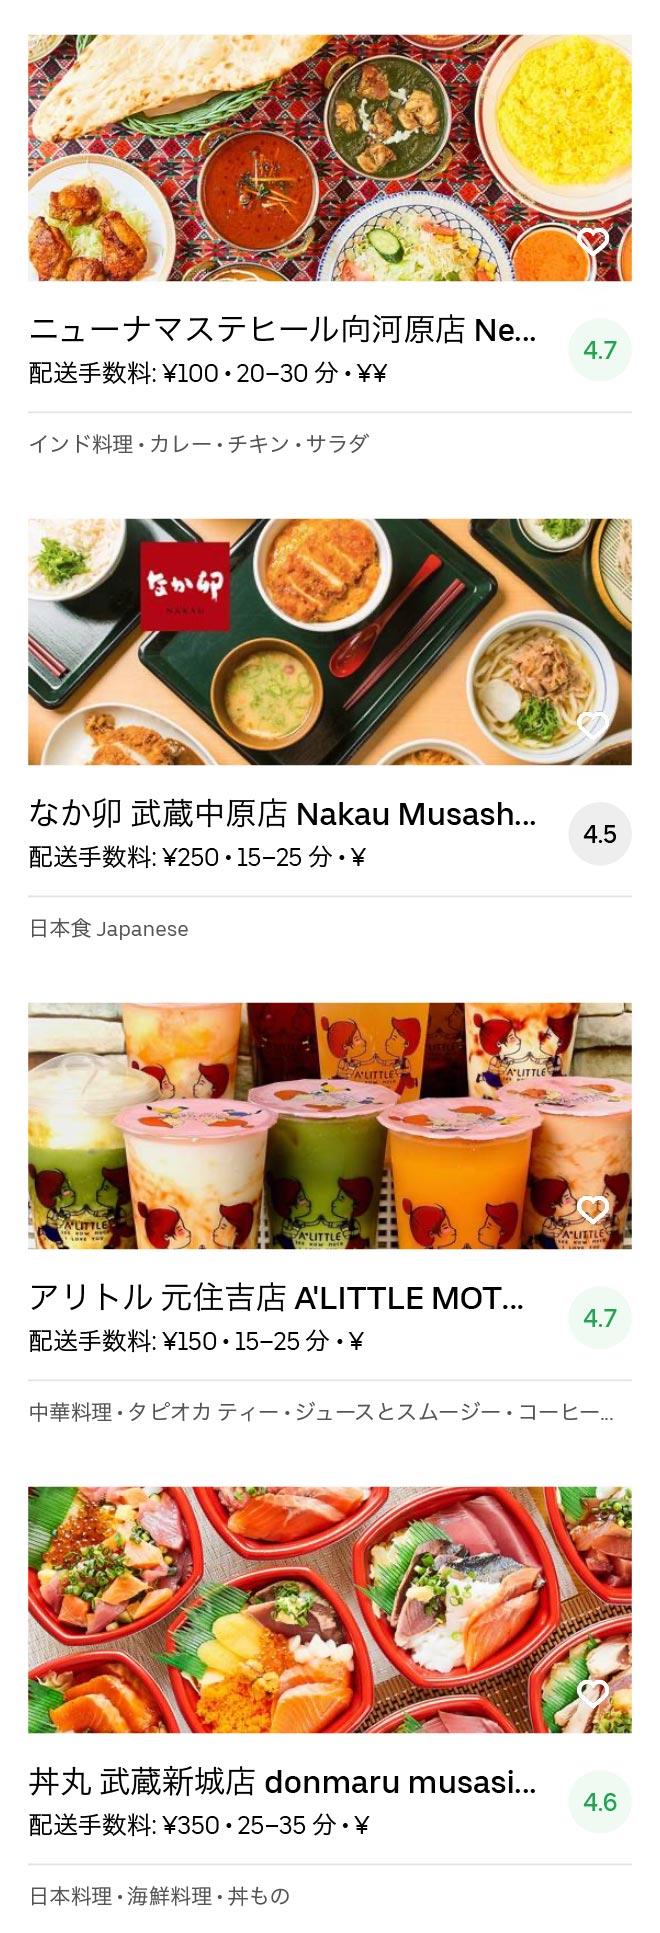 Musashikosugi menu 2004 11